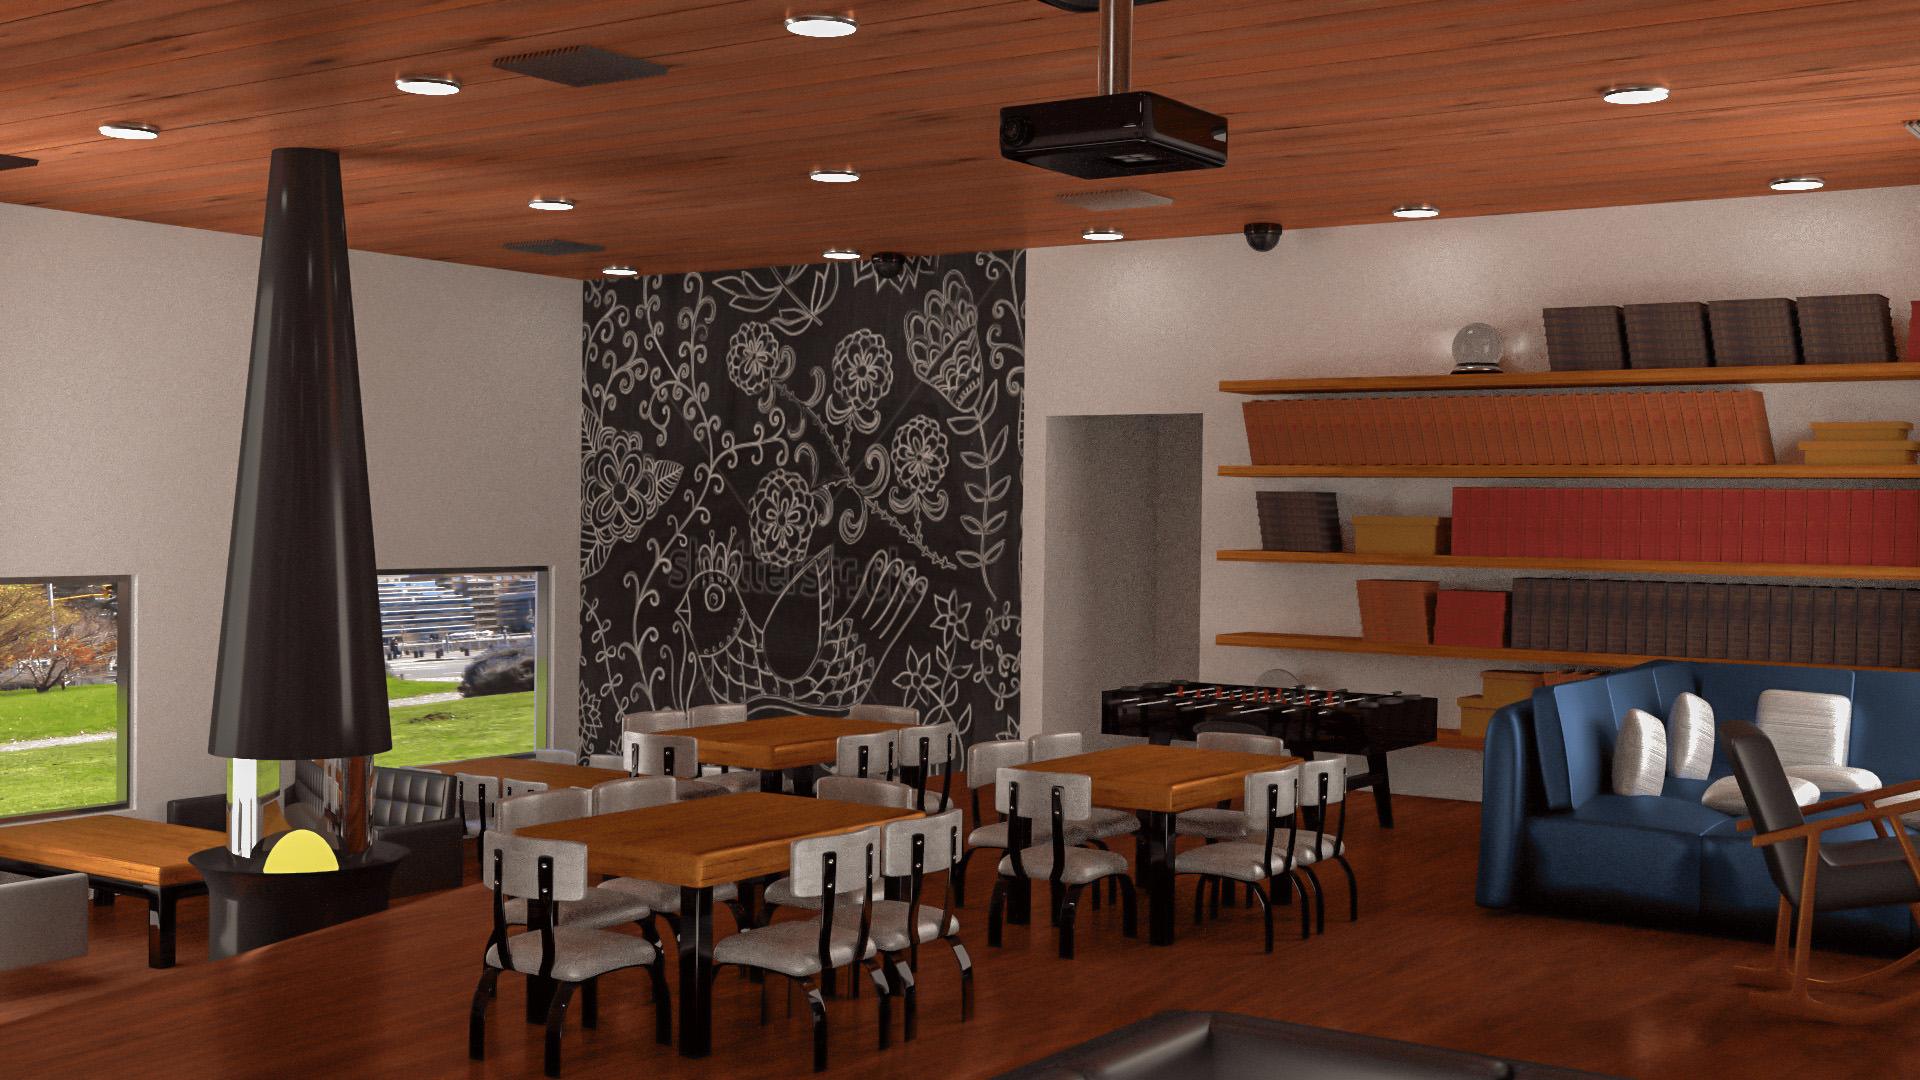 100 interieur design 3d modeling software top best for Architecture interieur 3d